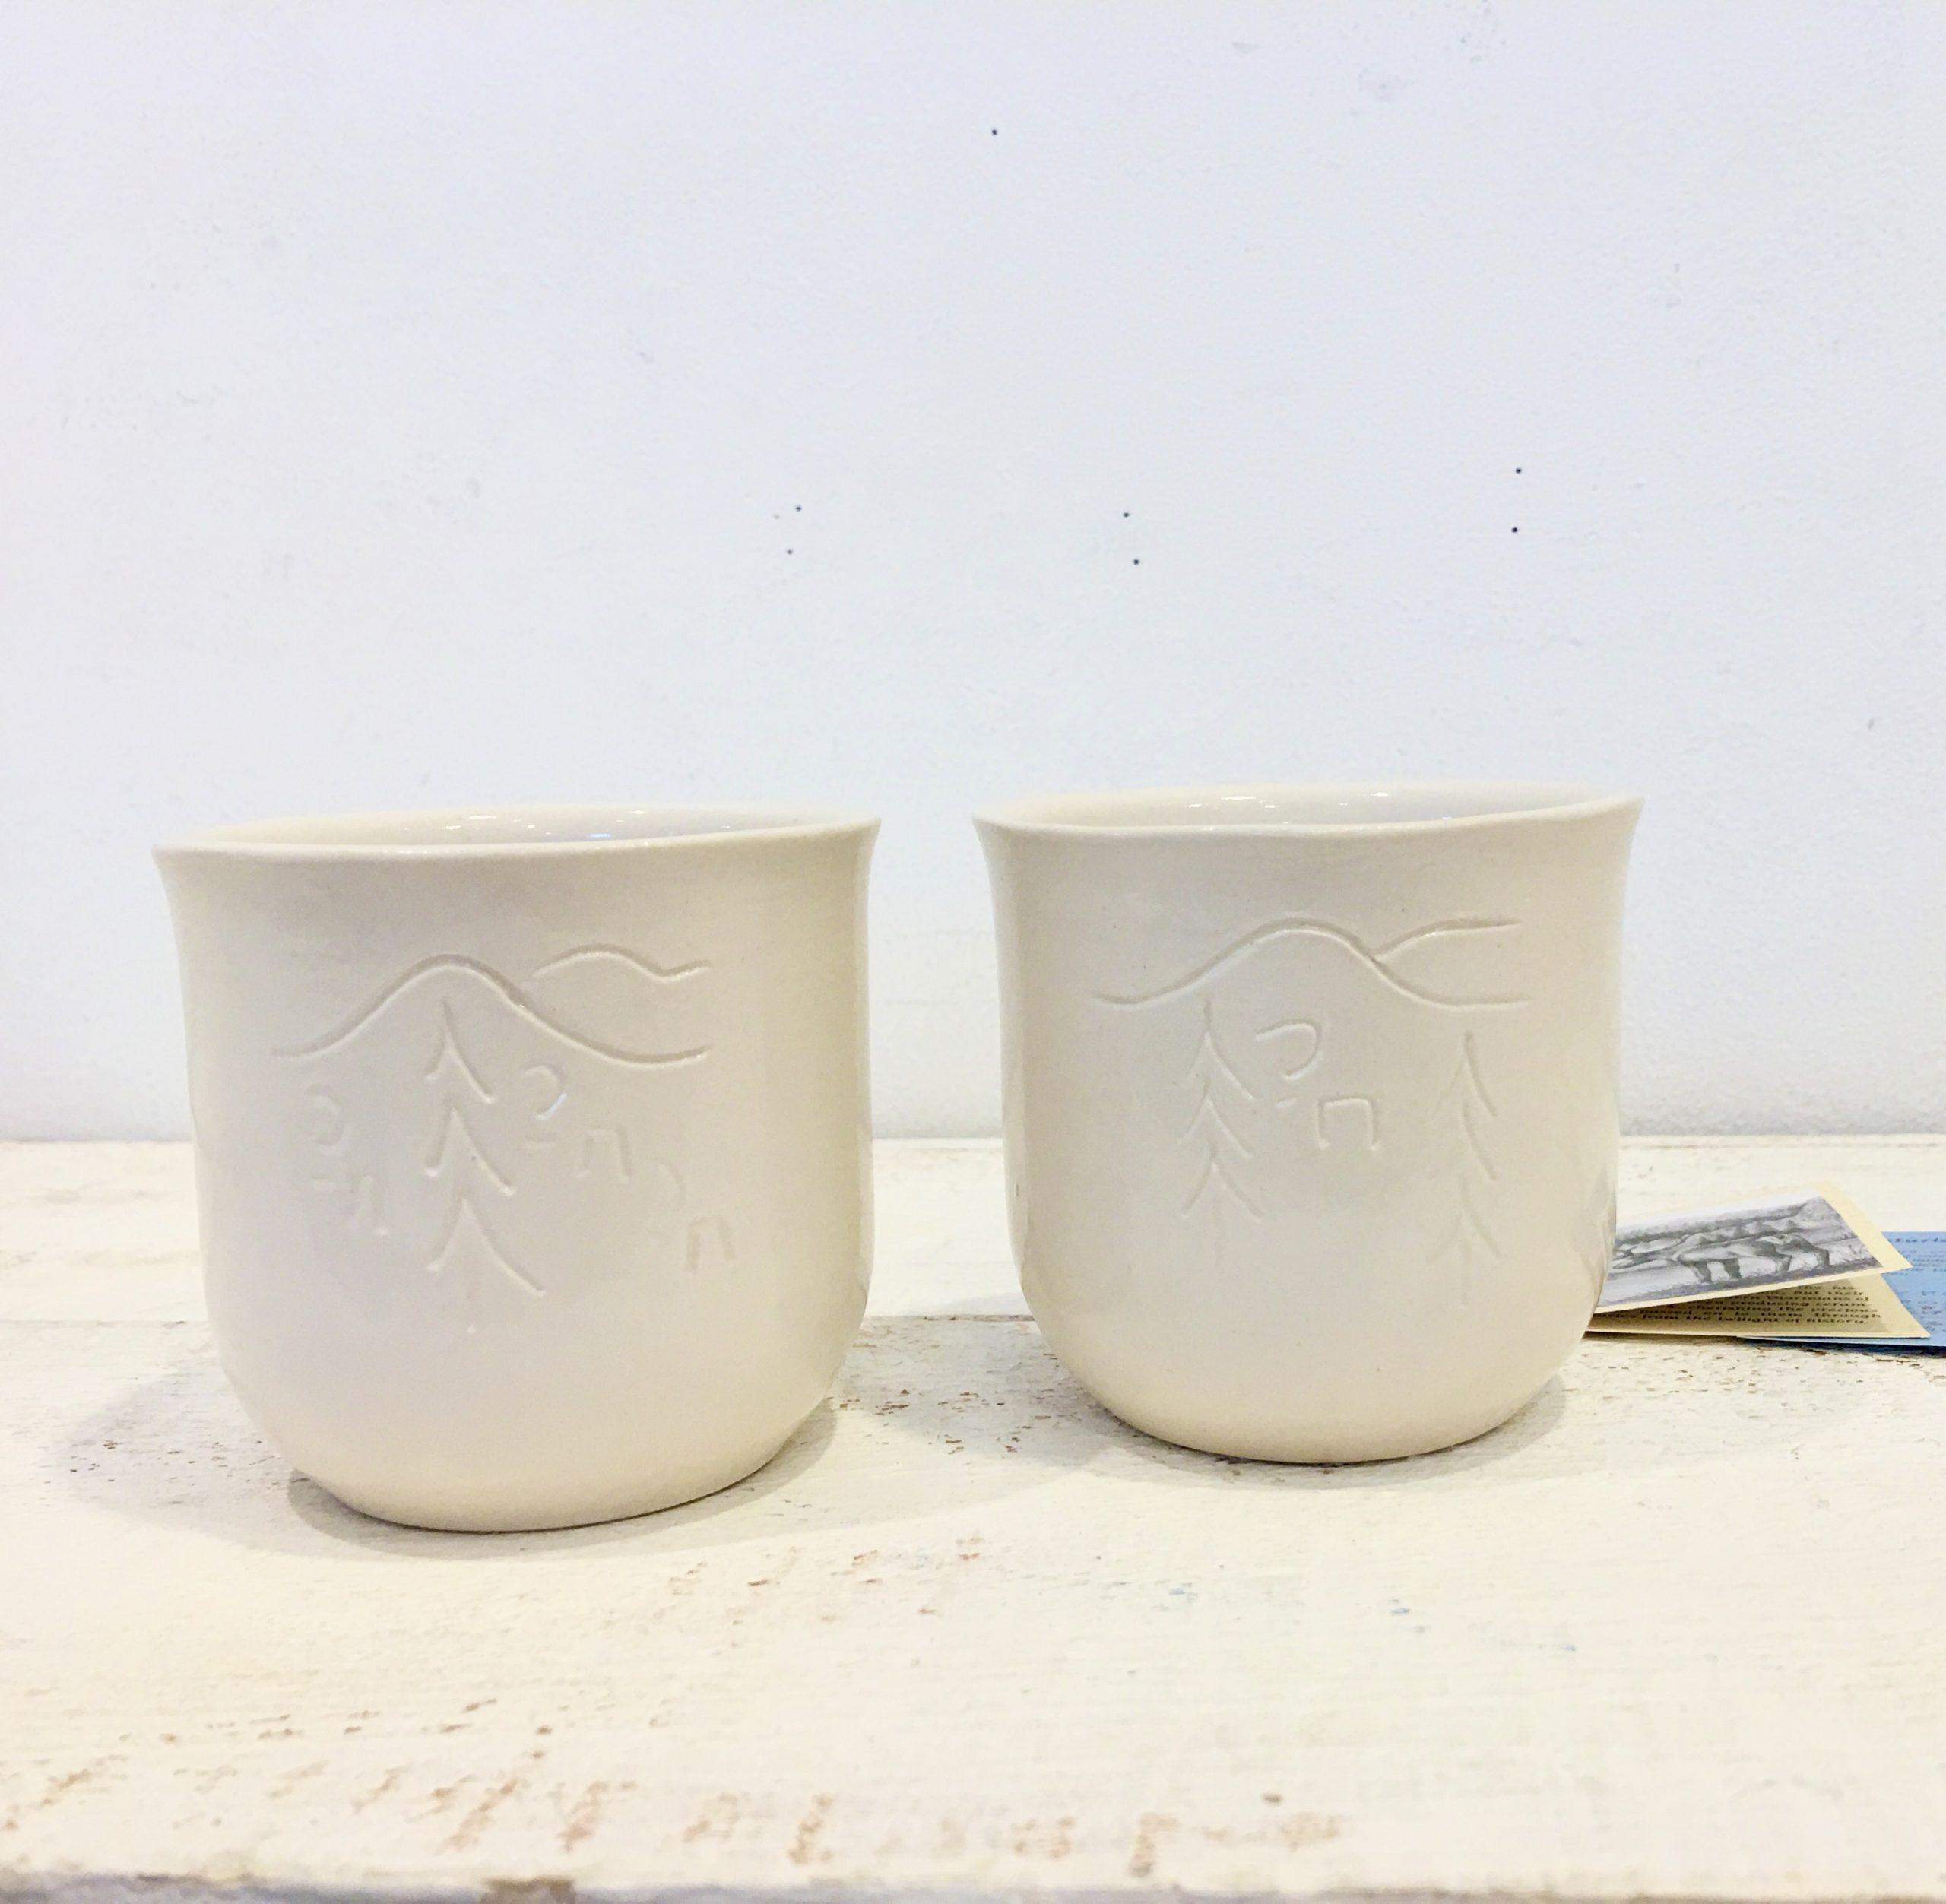 フィンランド ラップランドから届いたBjarmia(ビャルミア)陶器